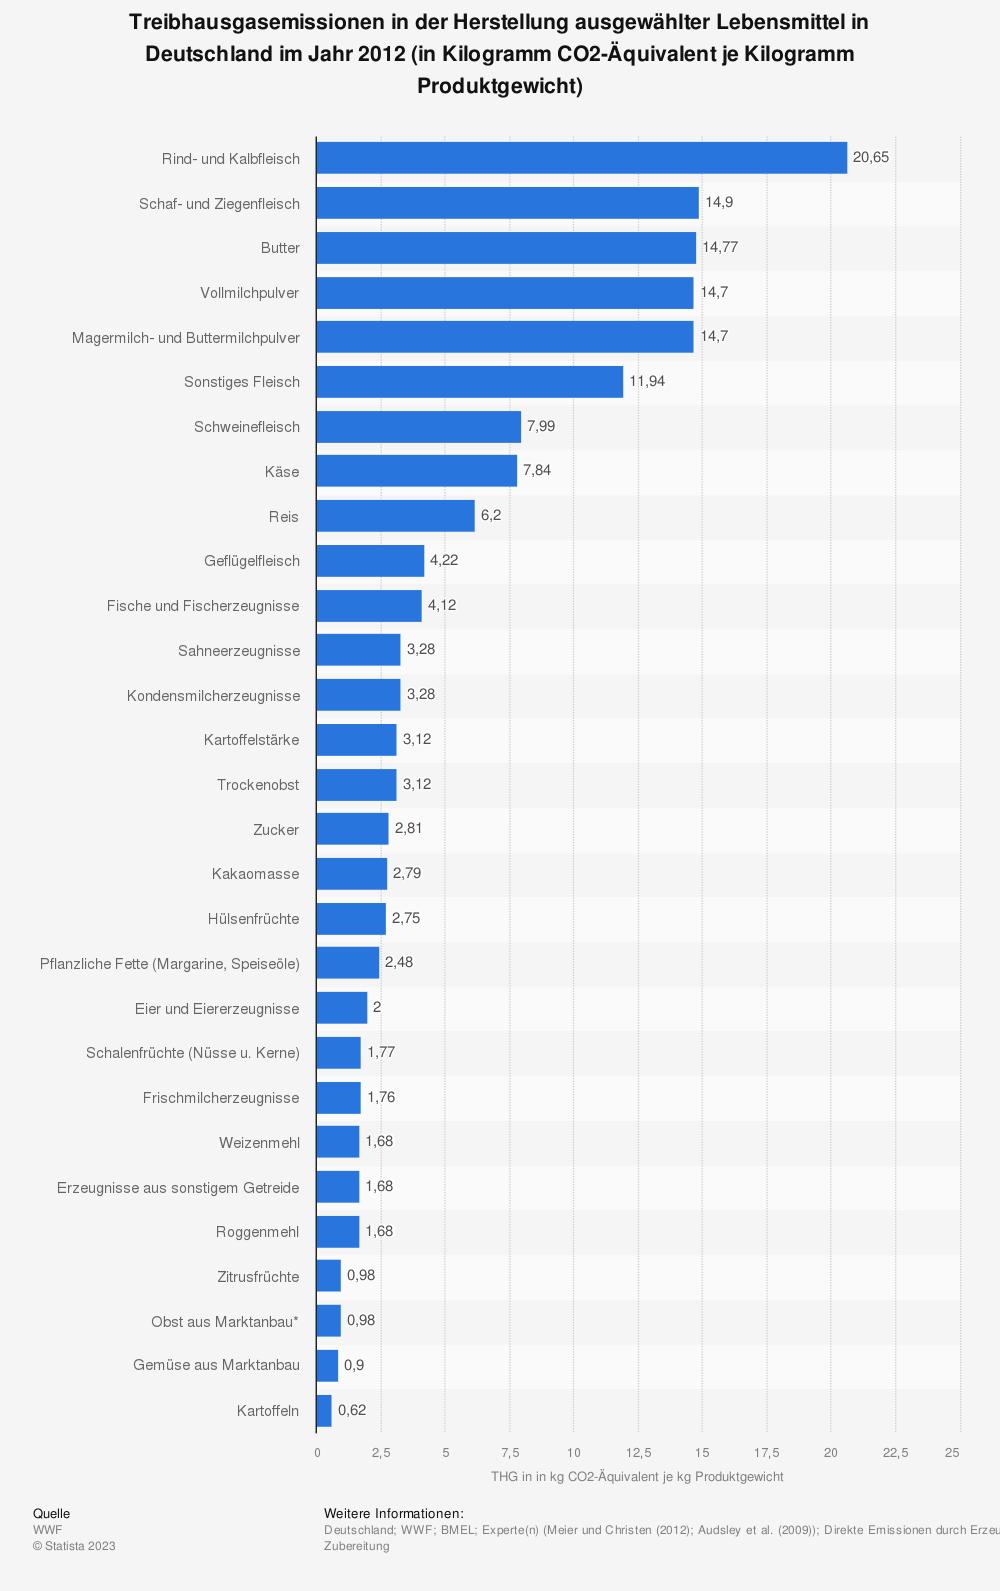 Statistik: Treibhausgasemissionen in der Herstellung ausgewählter Lebensmittel in Deutschland im Jahr 2012 (in Kilogramm CO2-Äquivalent je Kilogramm Produktgewicht) | Statista